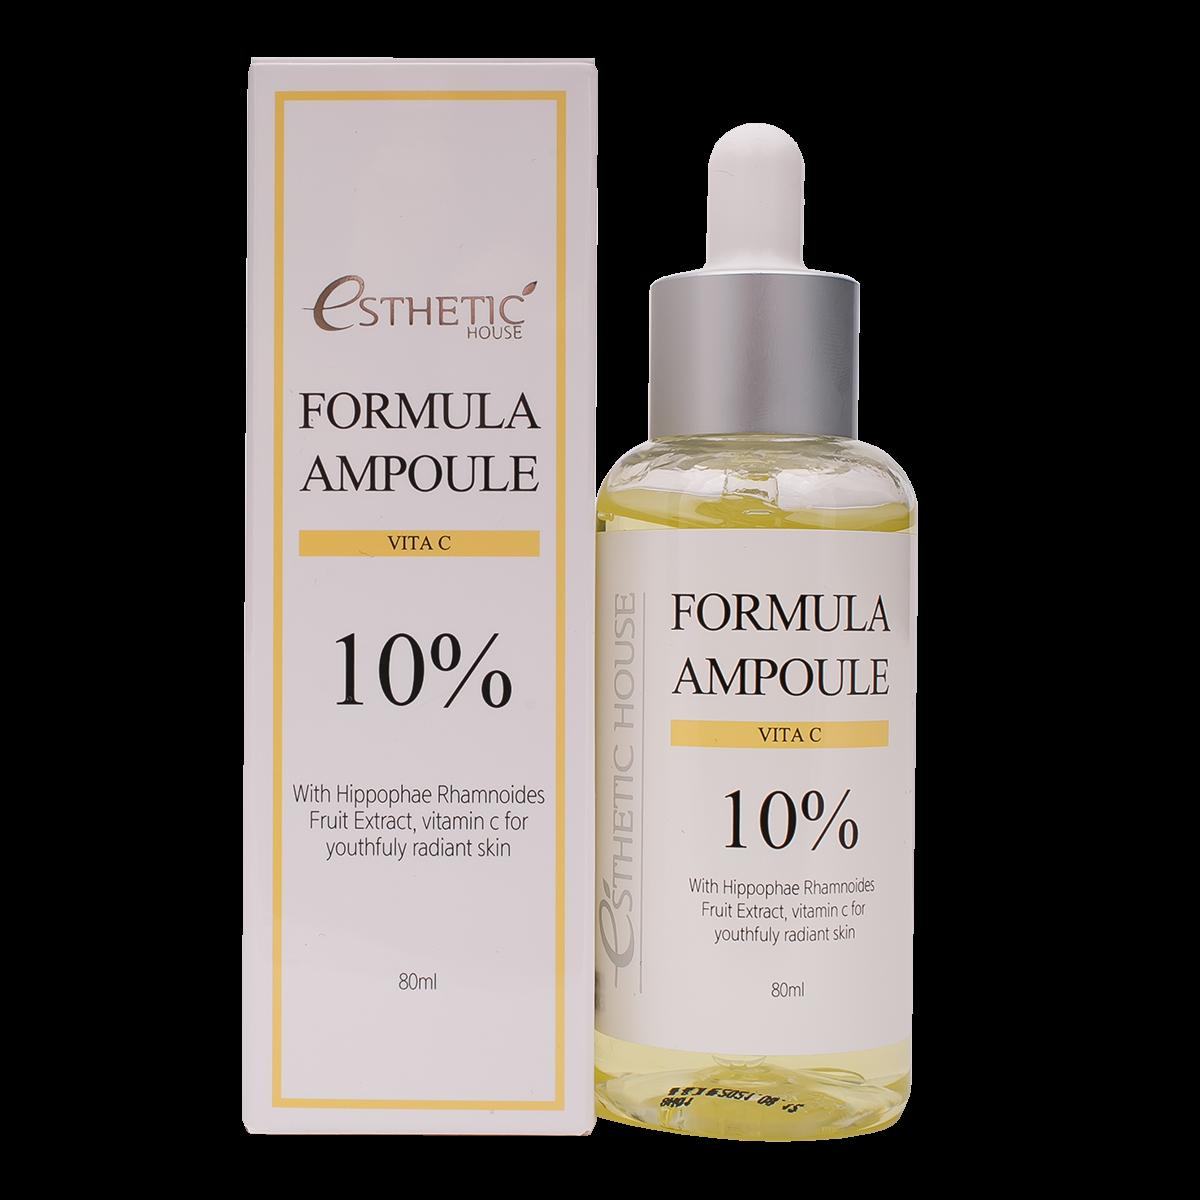 Esthetic House Сыворотка Formula Ampoule Vita C для Лица с Витамином С, 80 мл bona vita карамель леденцовая лимон и мята с витамином с на травах 60 г